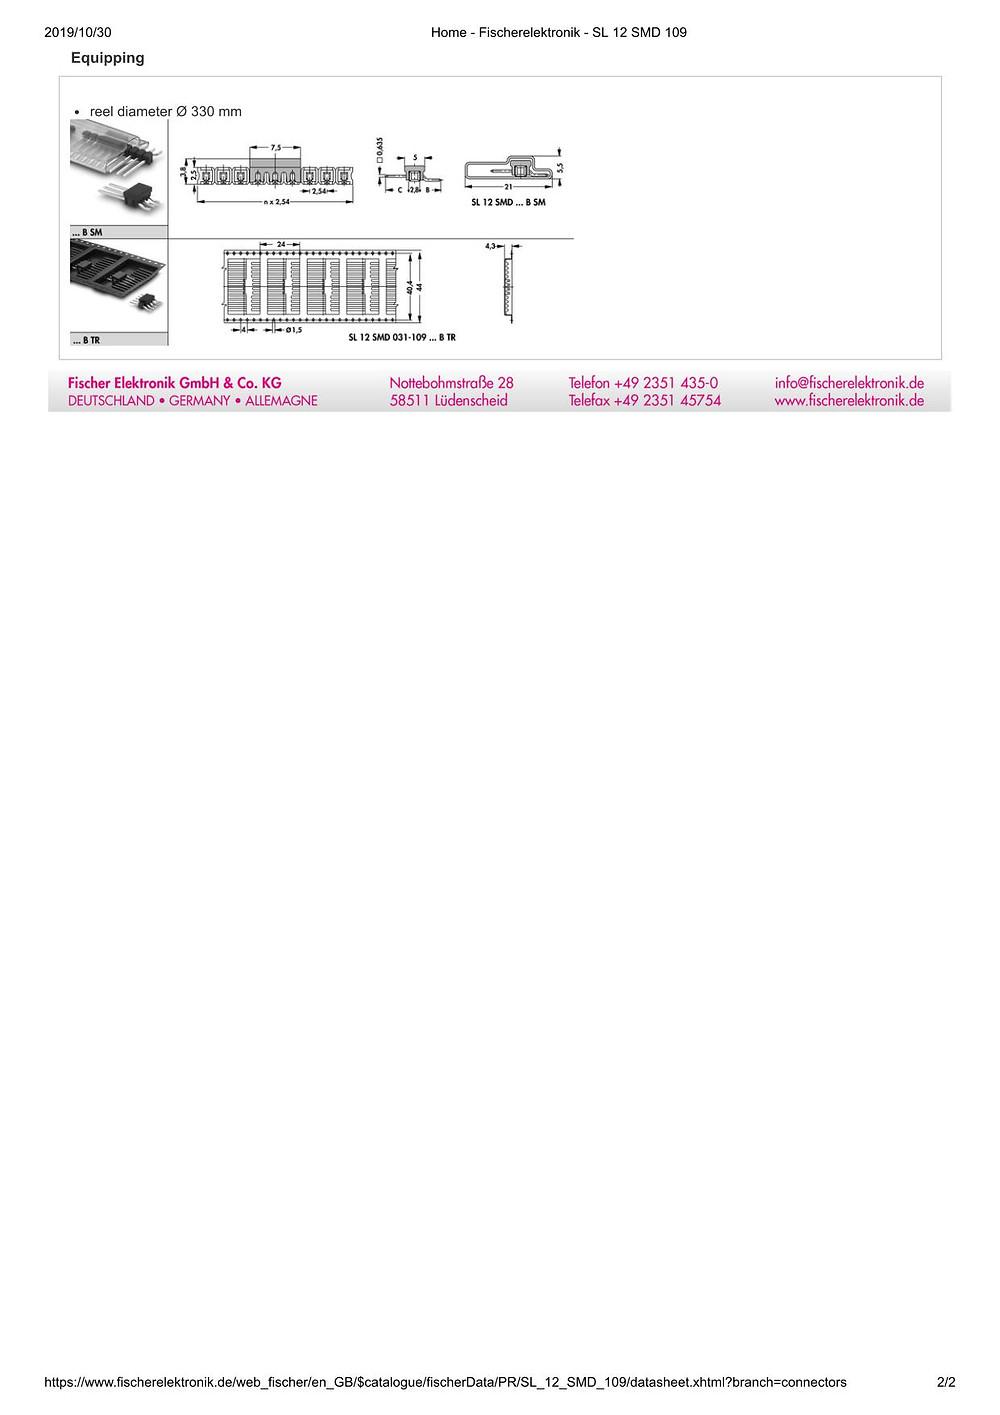 SL 12 SMD 109 フィッシャー テープ&リール対応 ピンヘッダ ライトアングル1列 2.54㎜ピッチ □0.635mm 2-20ピン